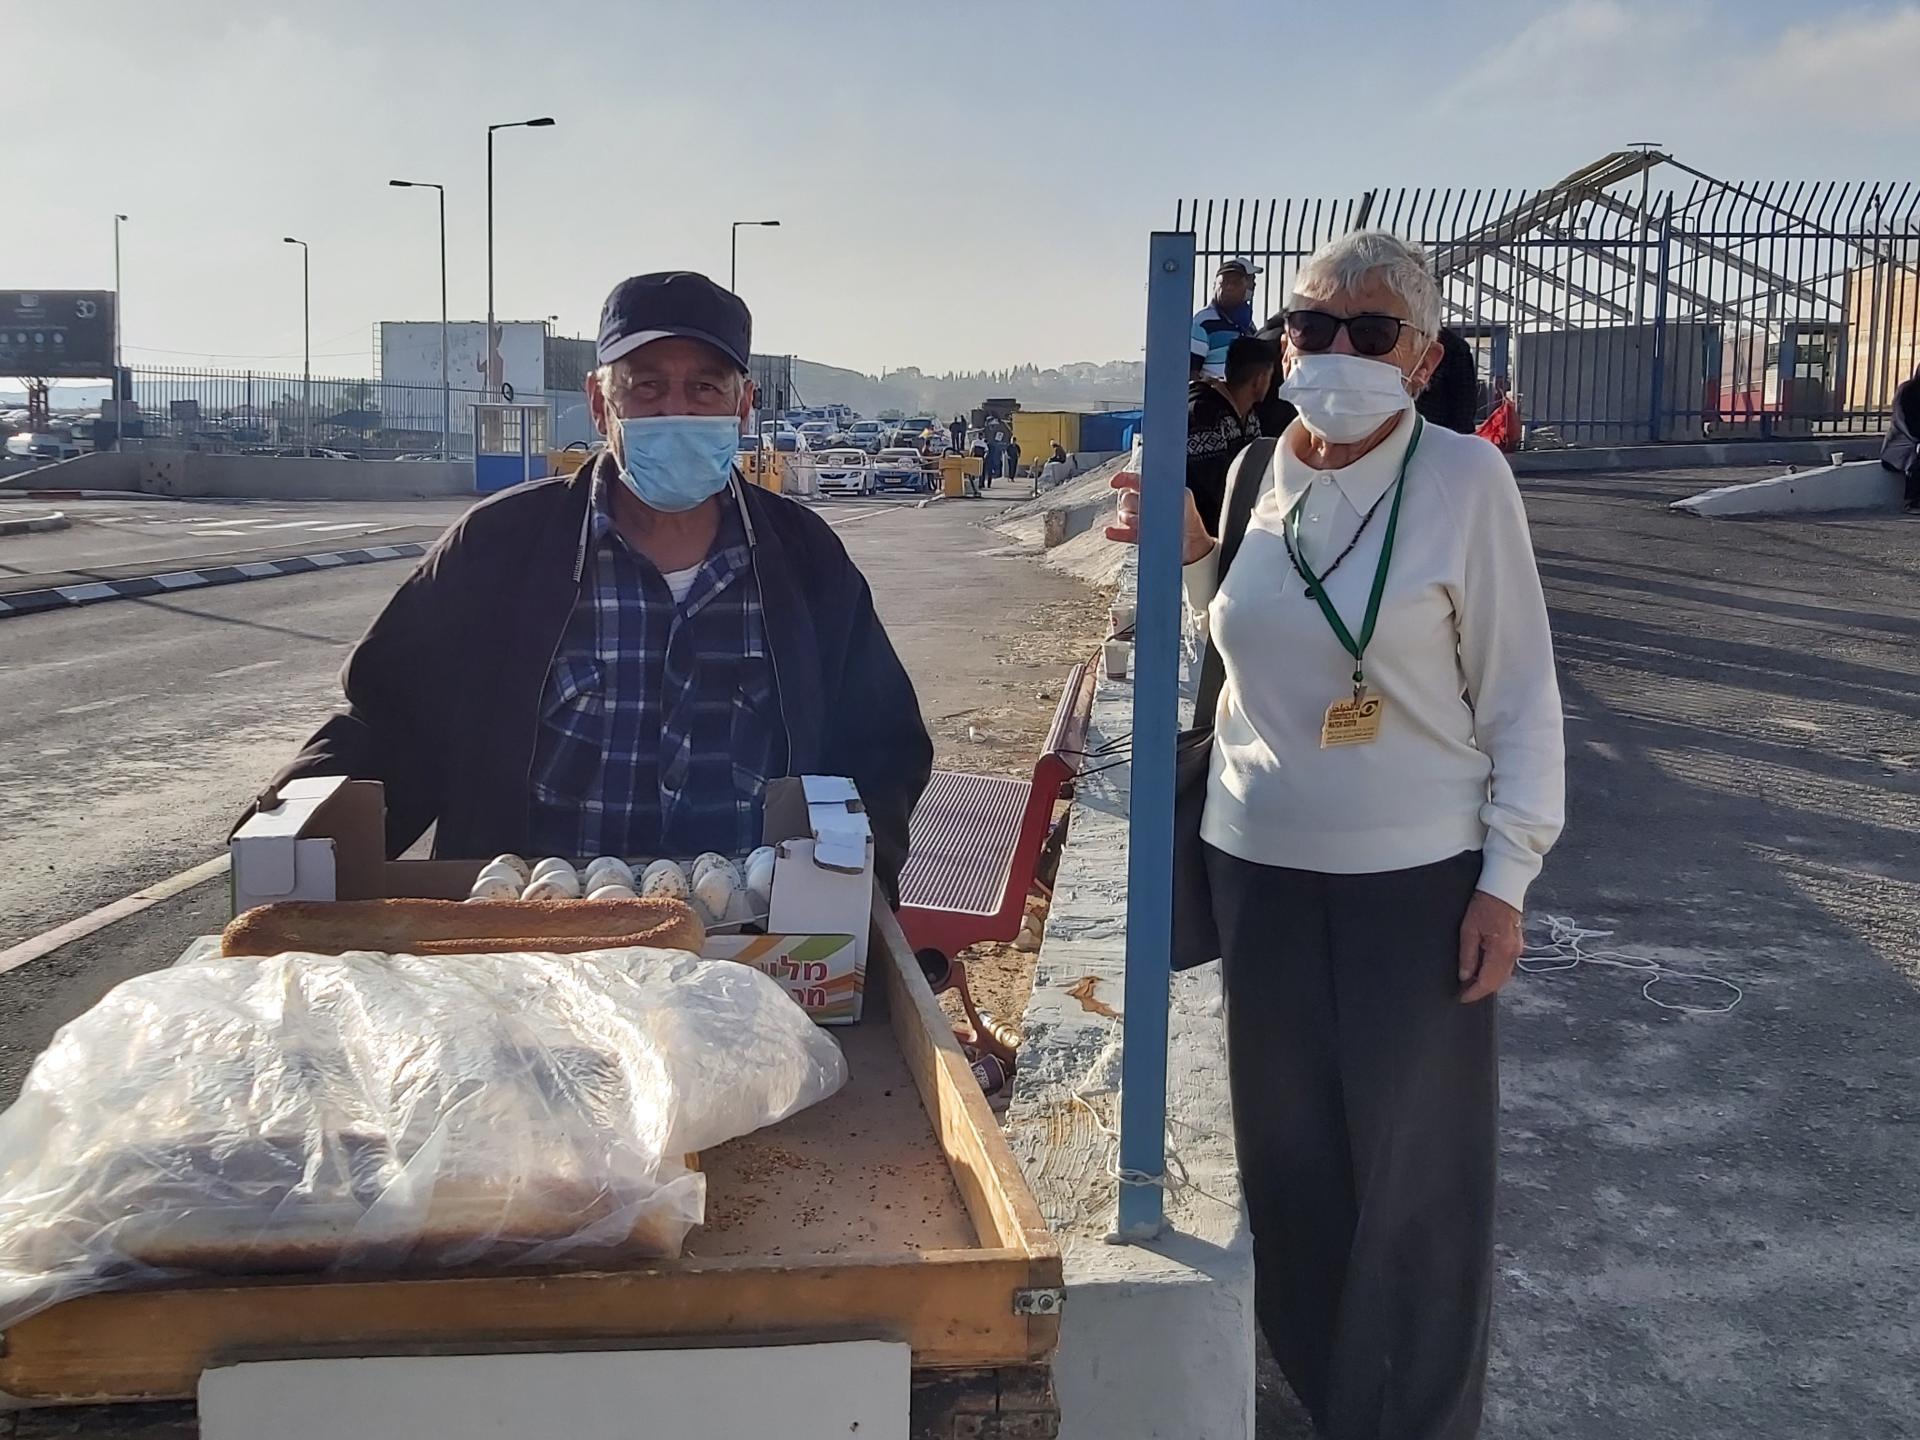 חנה ואבו רמזי ליד הכניסה למחסום